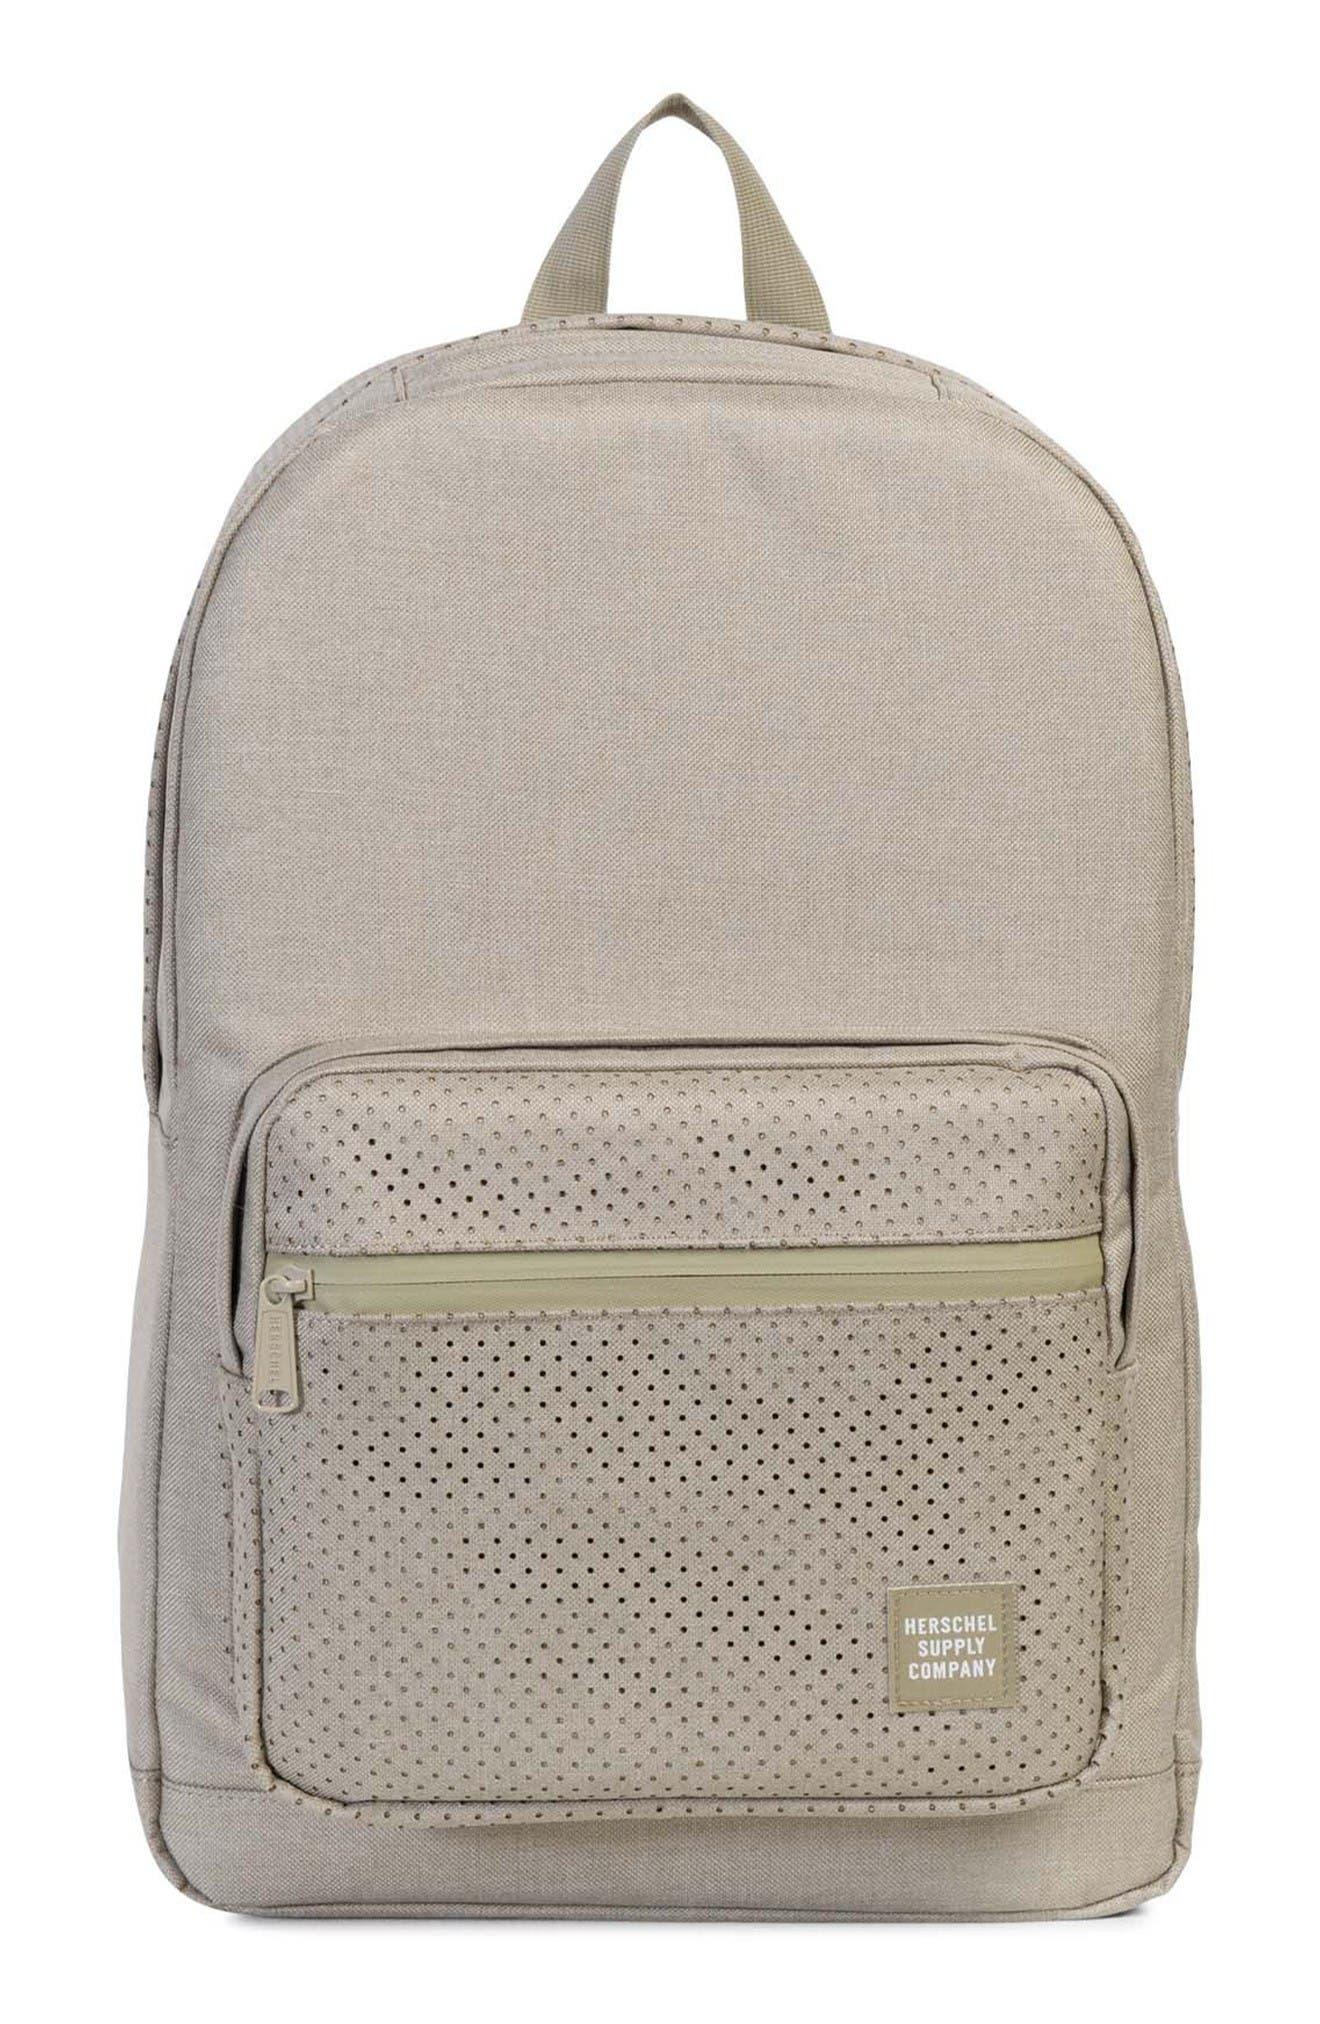 Herschel Supply Co. Pop Quiz Aspect Backpack